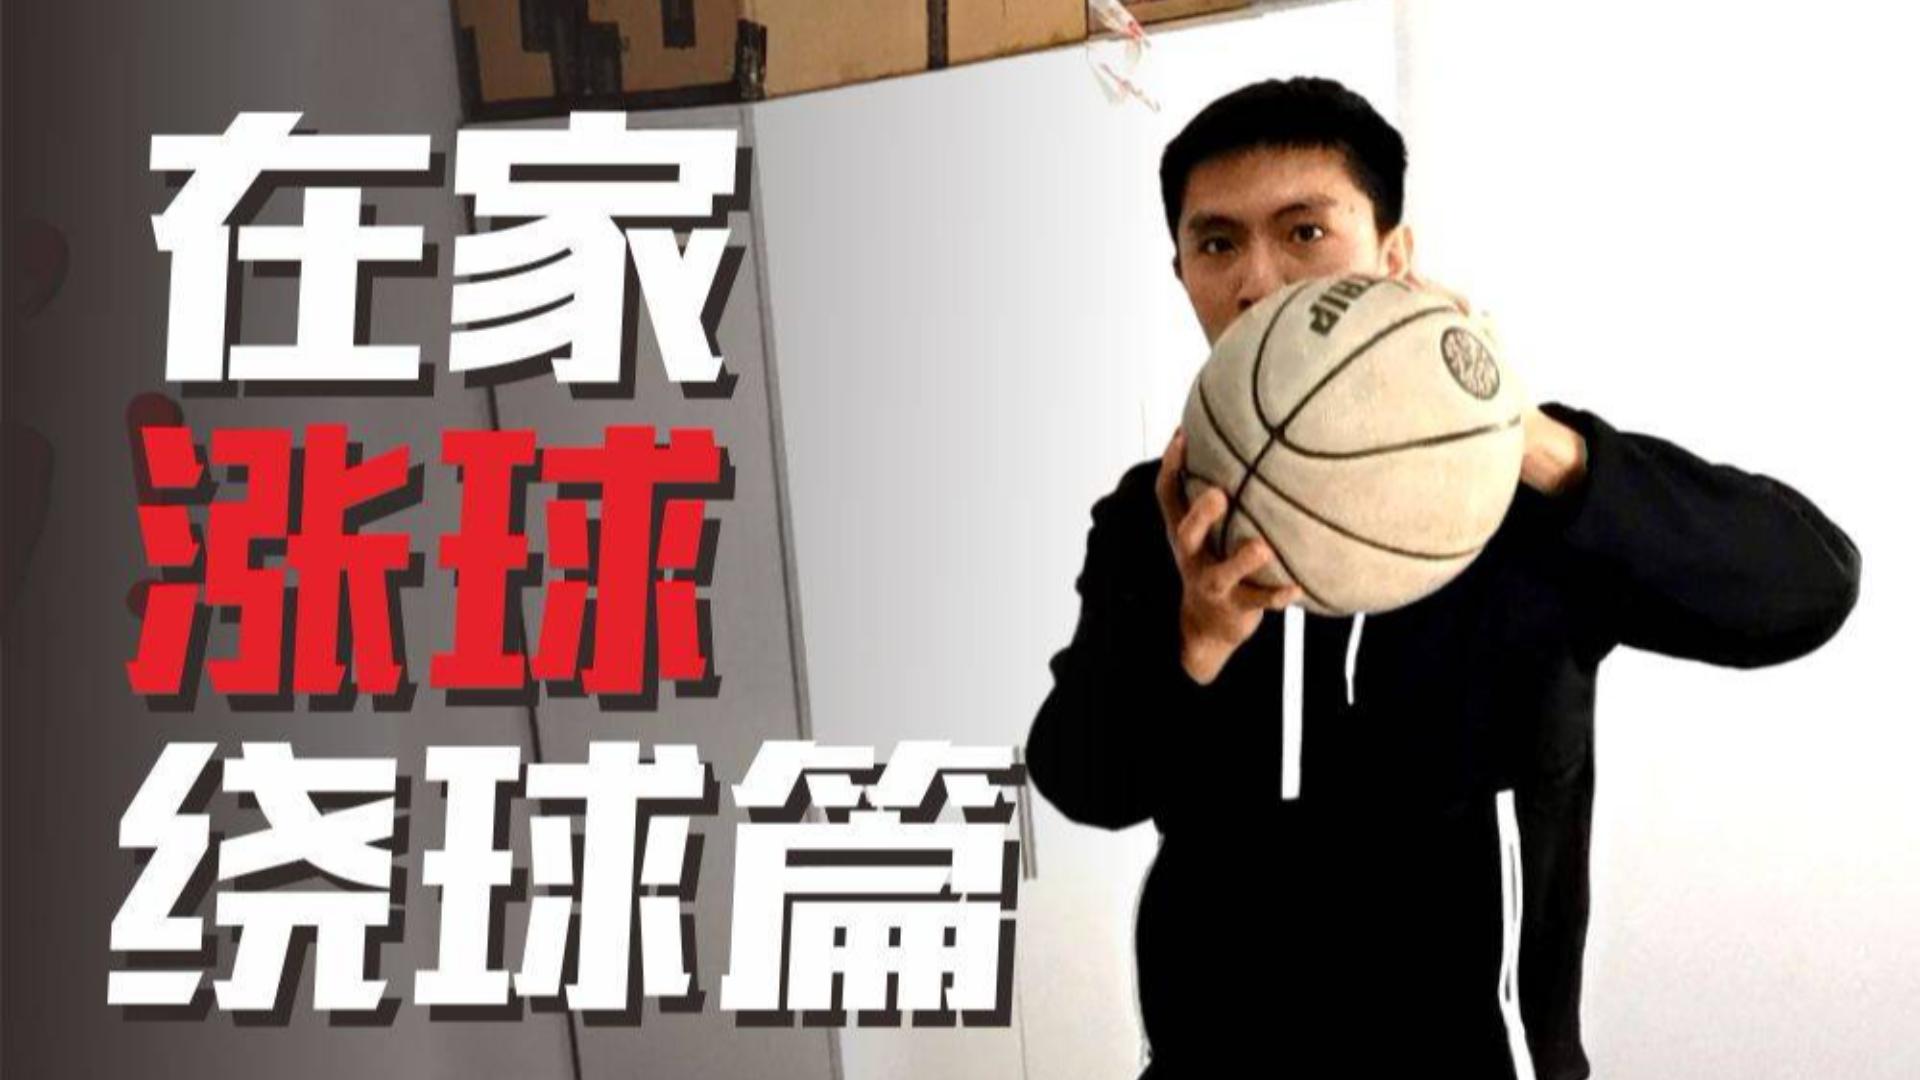 老胡篮球课堂:几个能让你的球感暴涨的动作,在家也能做!